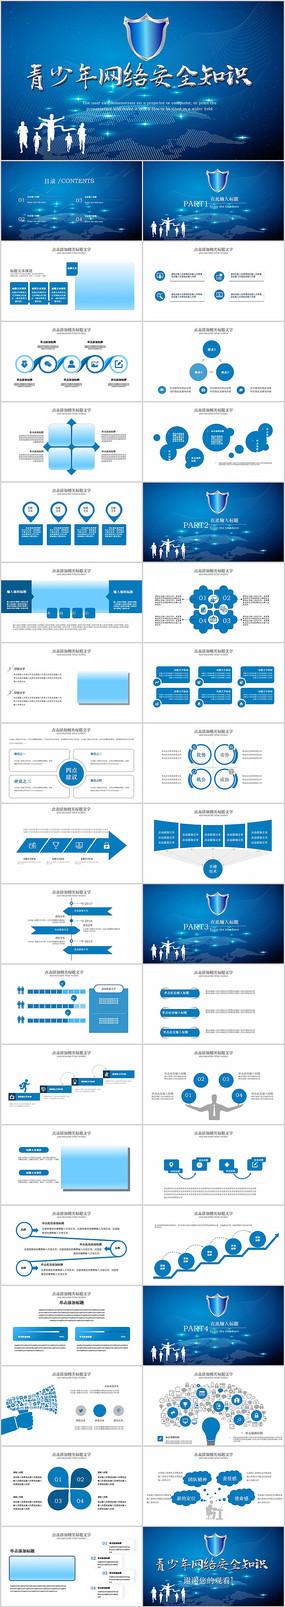 蓝色青少年网络安全知识PPT动态模板